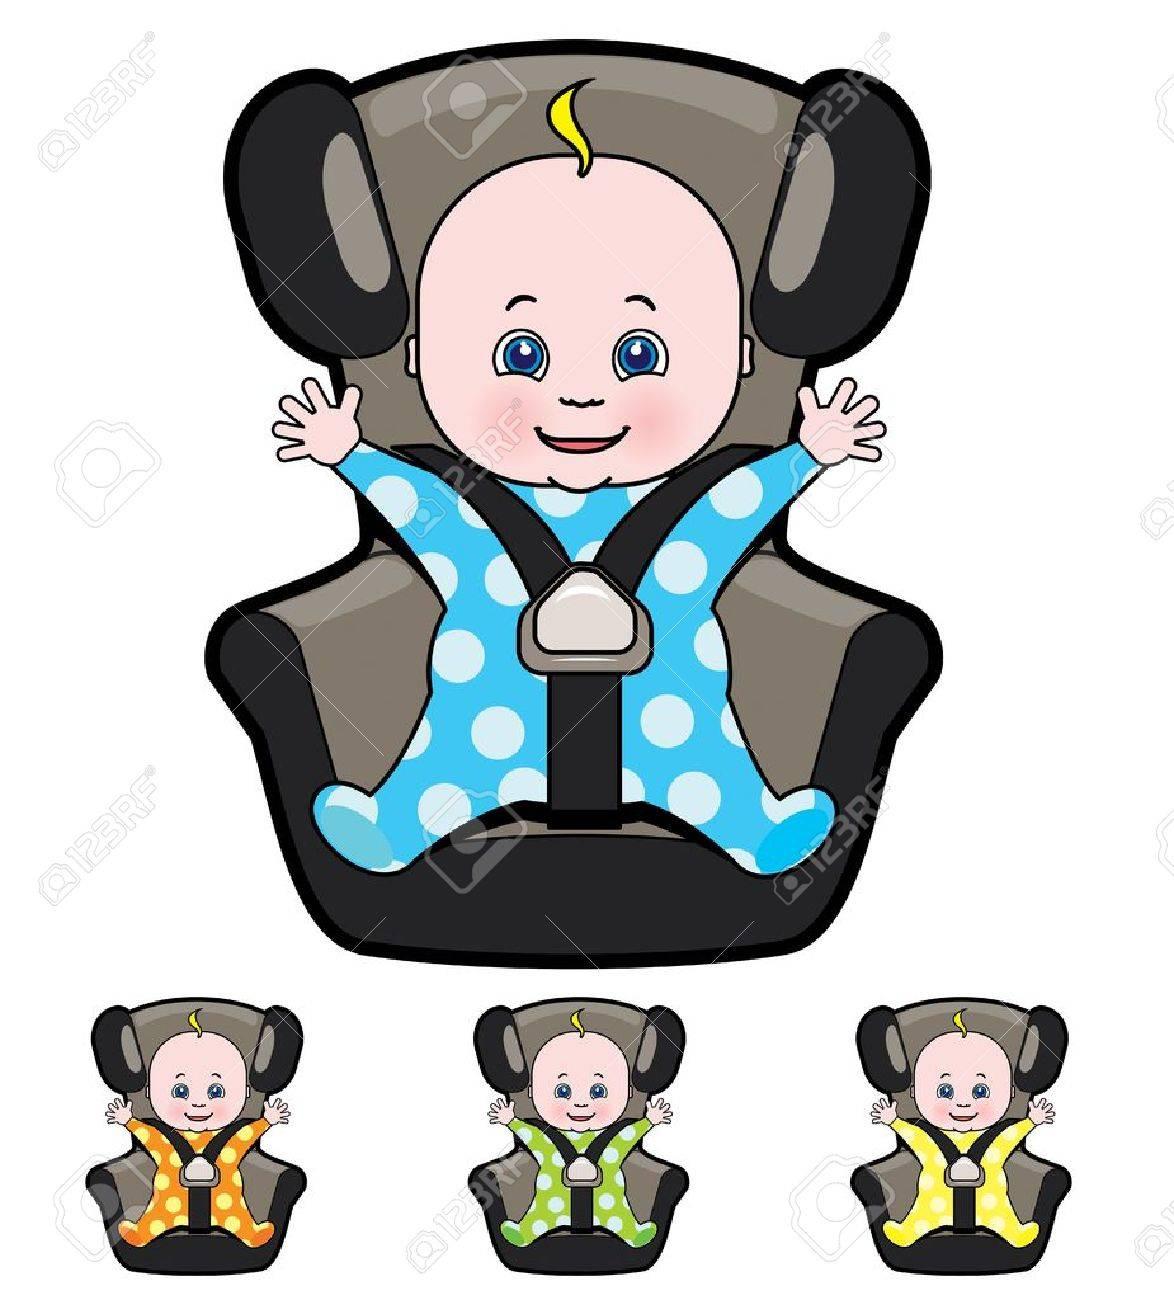 sillas coches bebes dibujo